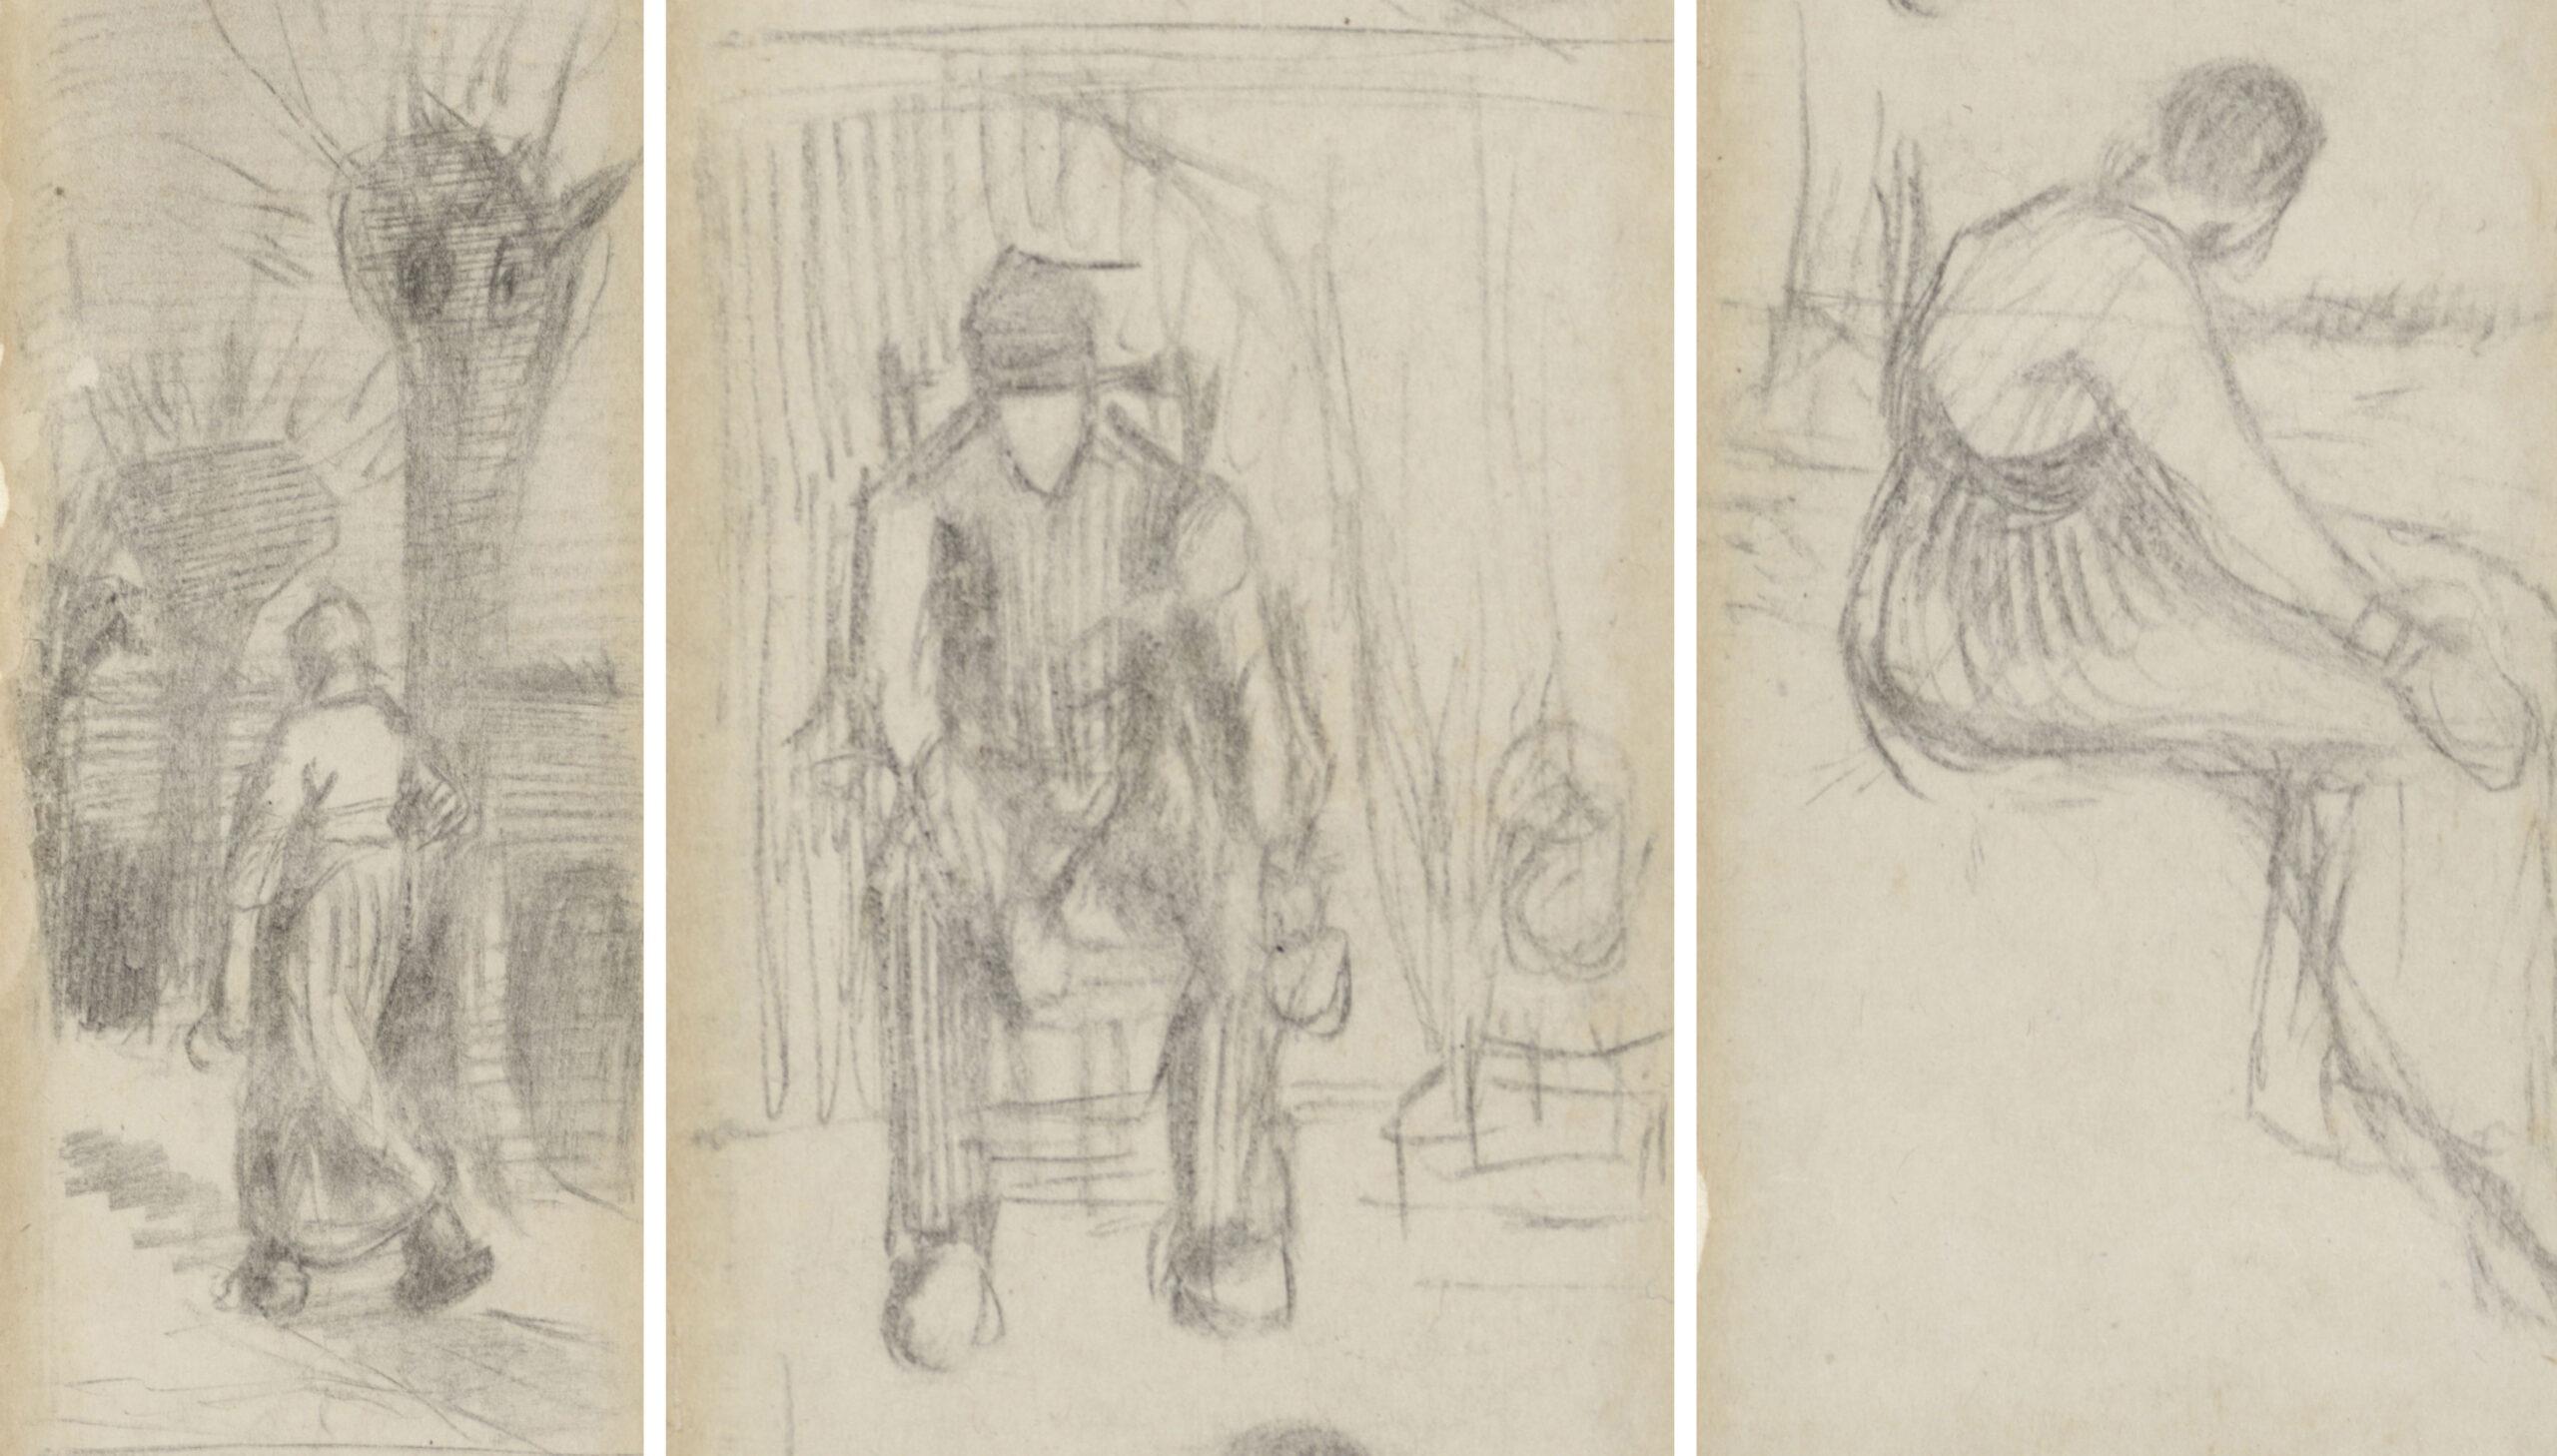 Внутри старинной книги обнаружили три эскиза работы Ван Гога